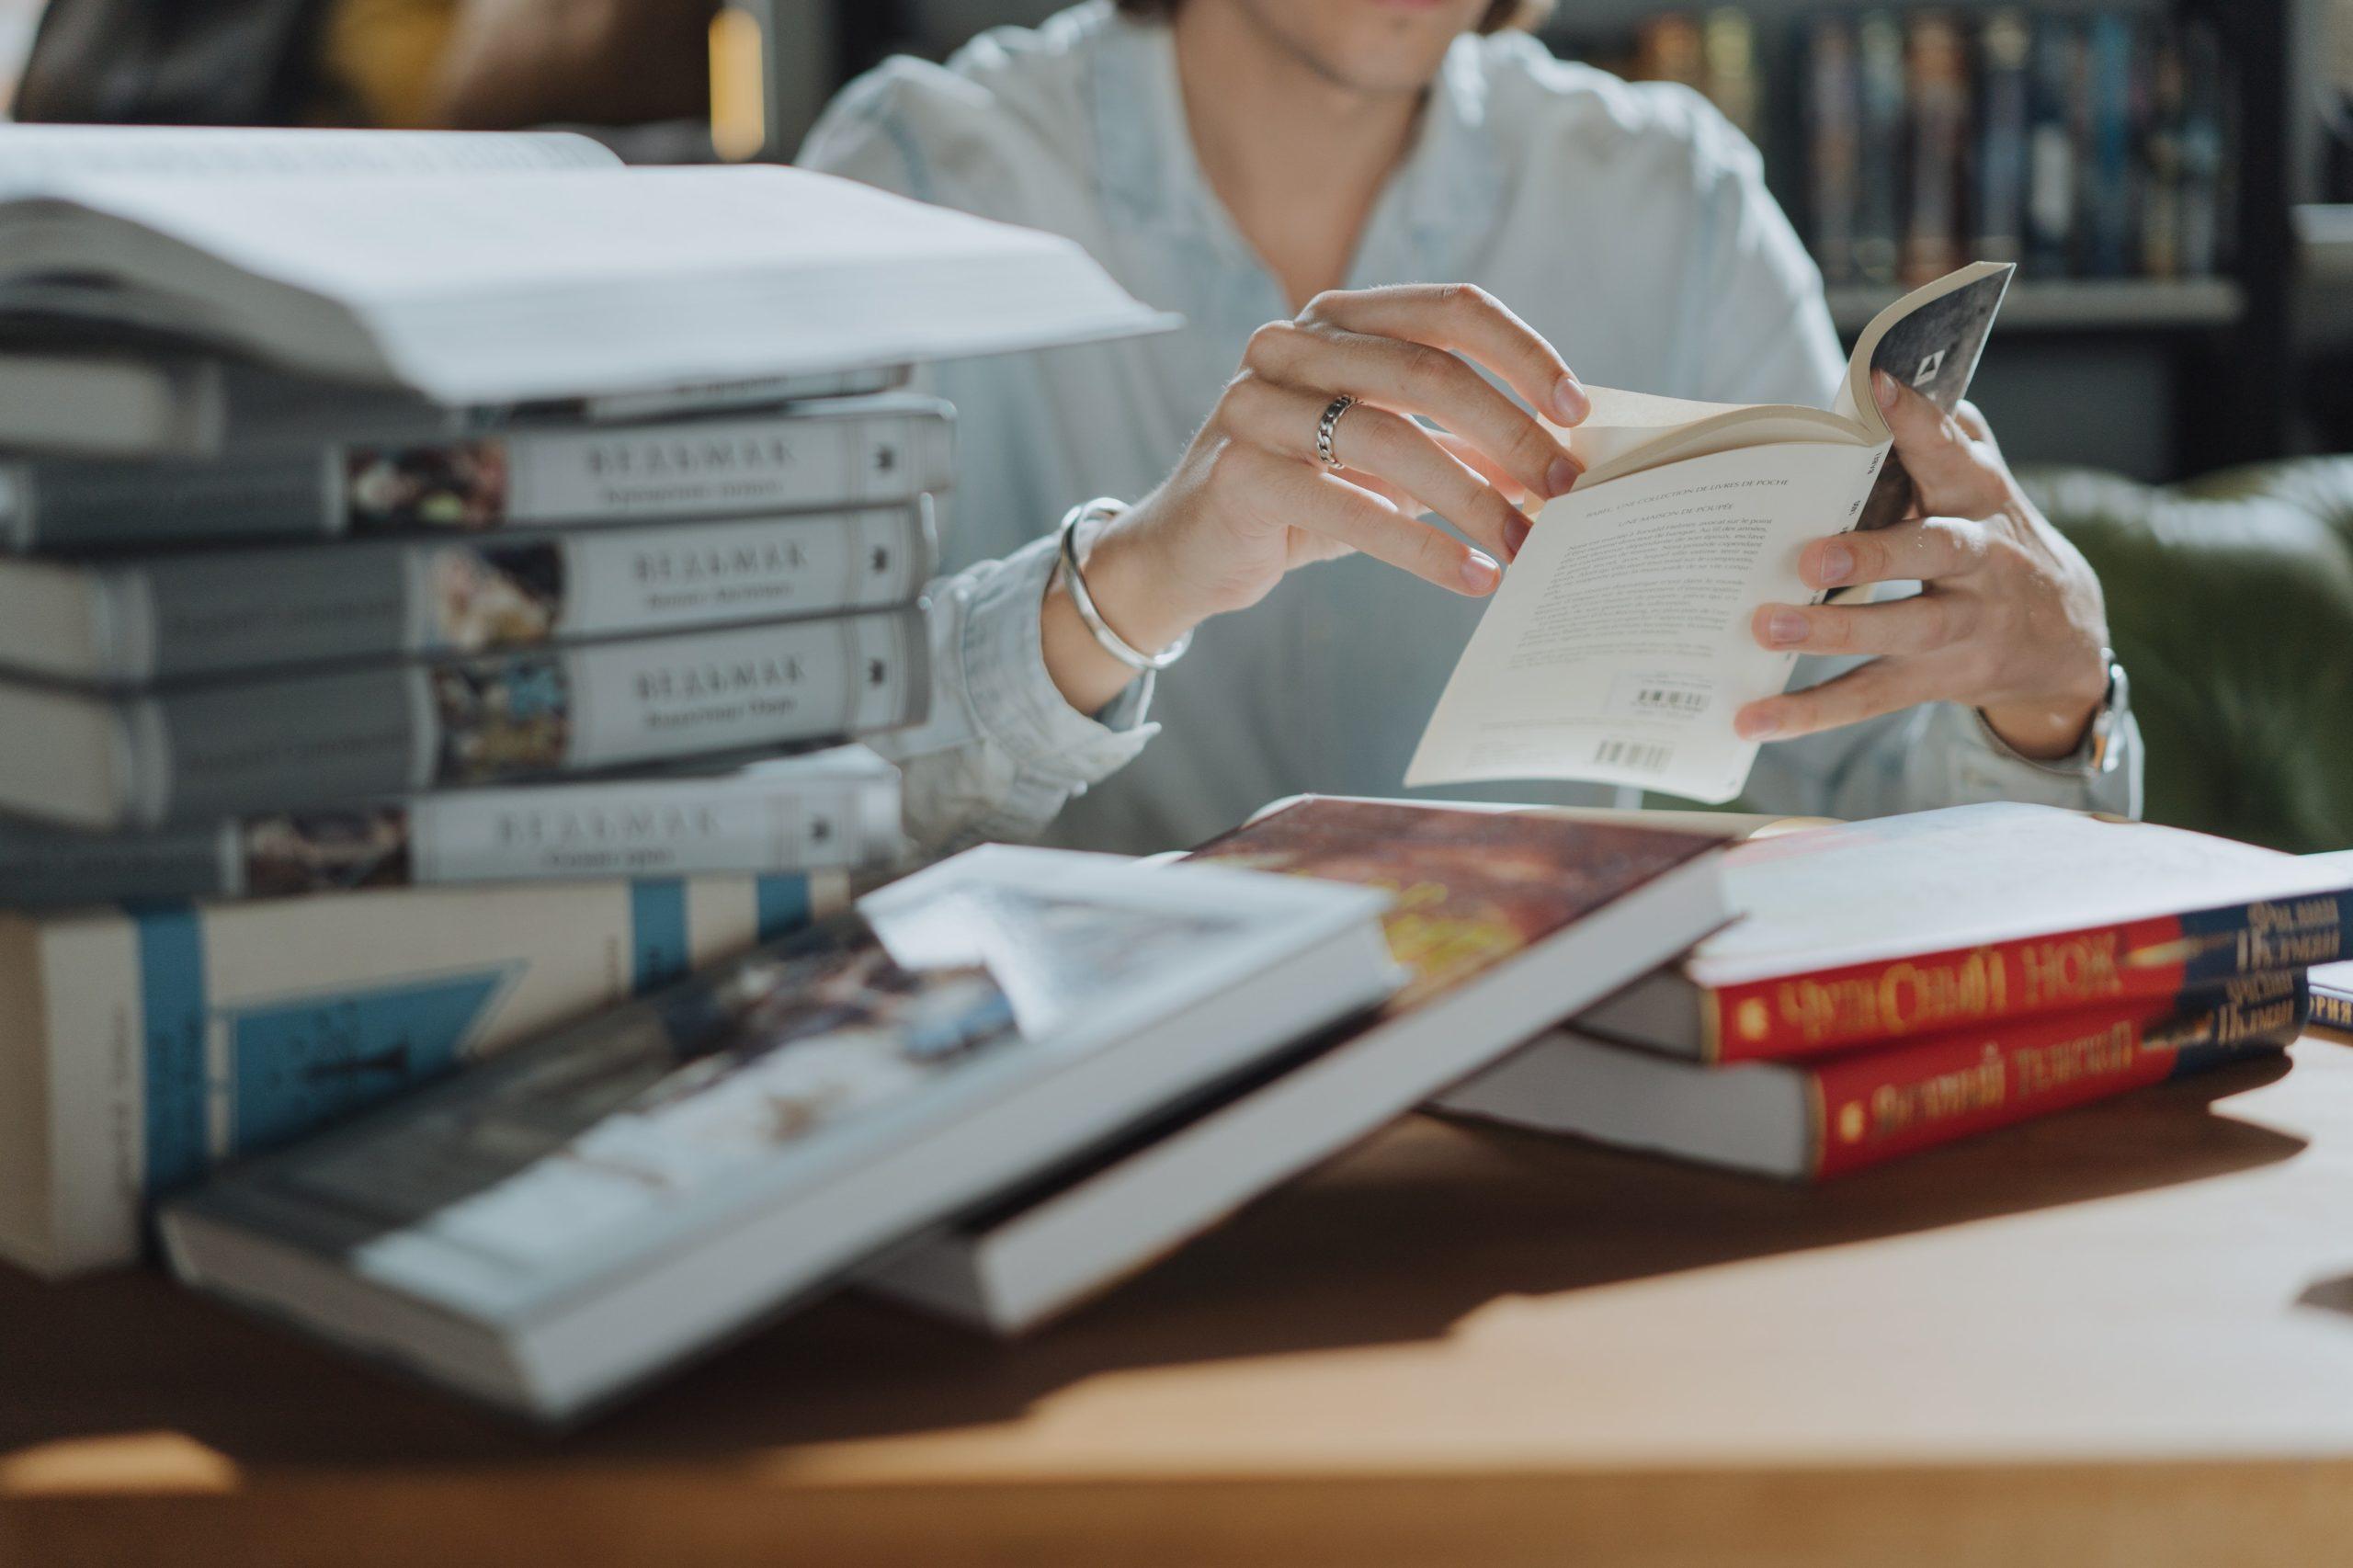 Pour agrémenter votre journal, vous pourrez mener de belles recherches.